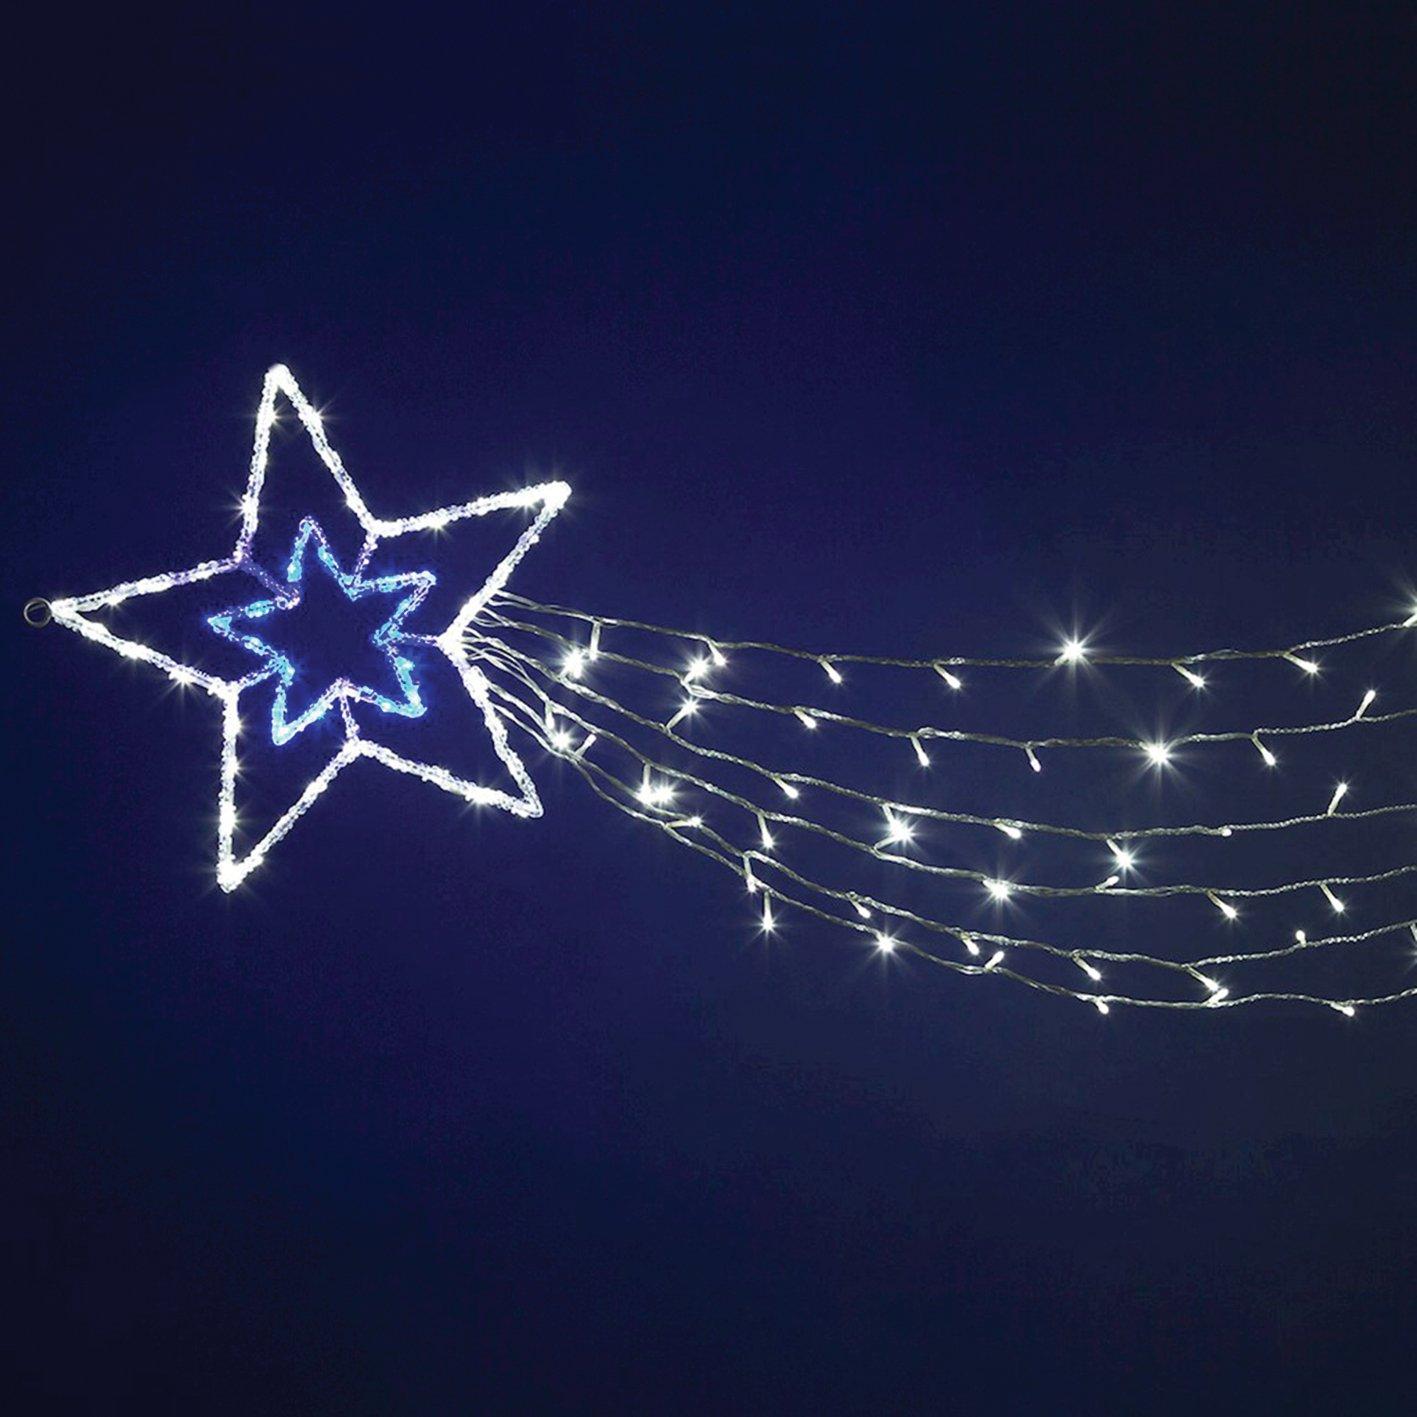 Estrella concé ntrica acrí lica con 6 tiras de cola, 180 cm, 150 LED luz frí a y azul, intermitente, estrellas luminosas, decoració n navideñ a, luces de Navidad Estrella concéntrica acrílica con 6 tiras de cola Luminalpa